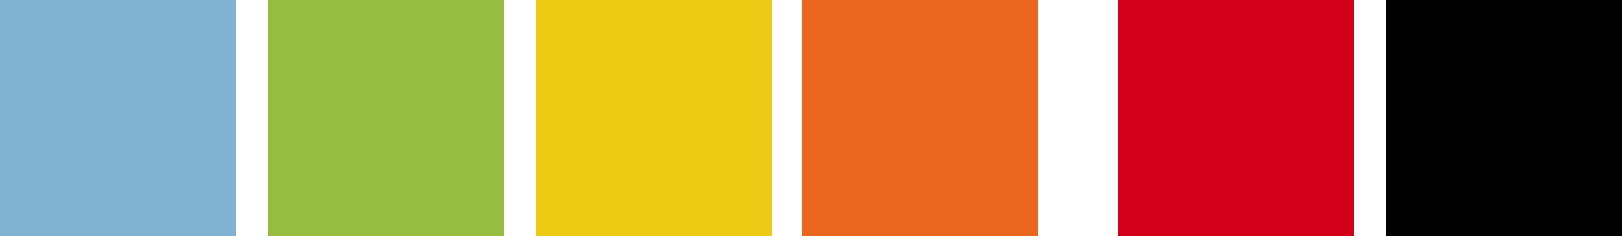 Petite Joie Color Scheme